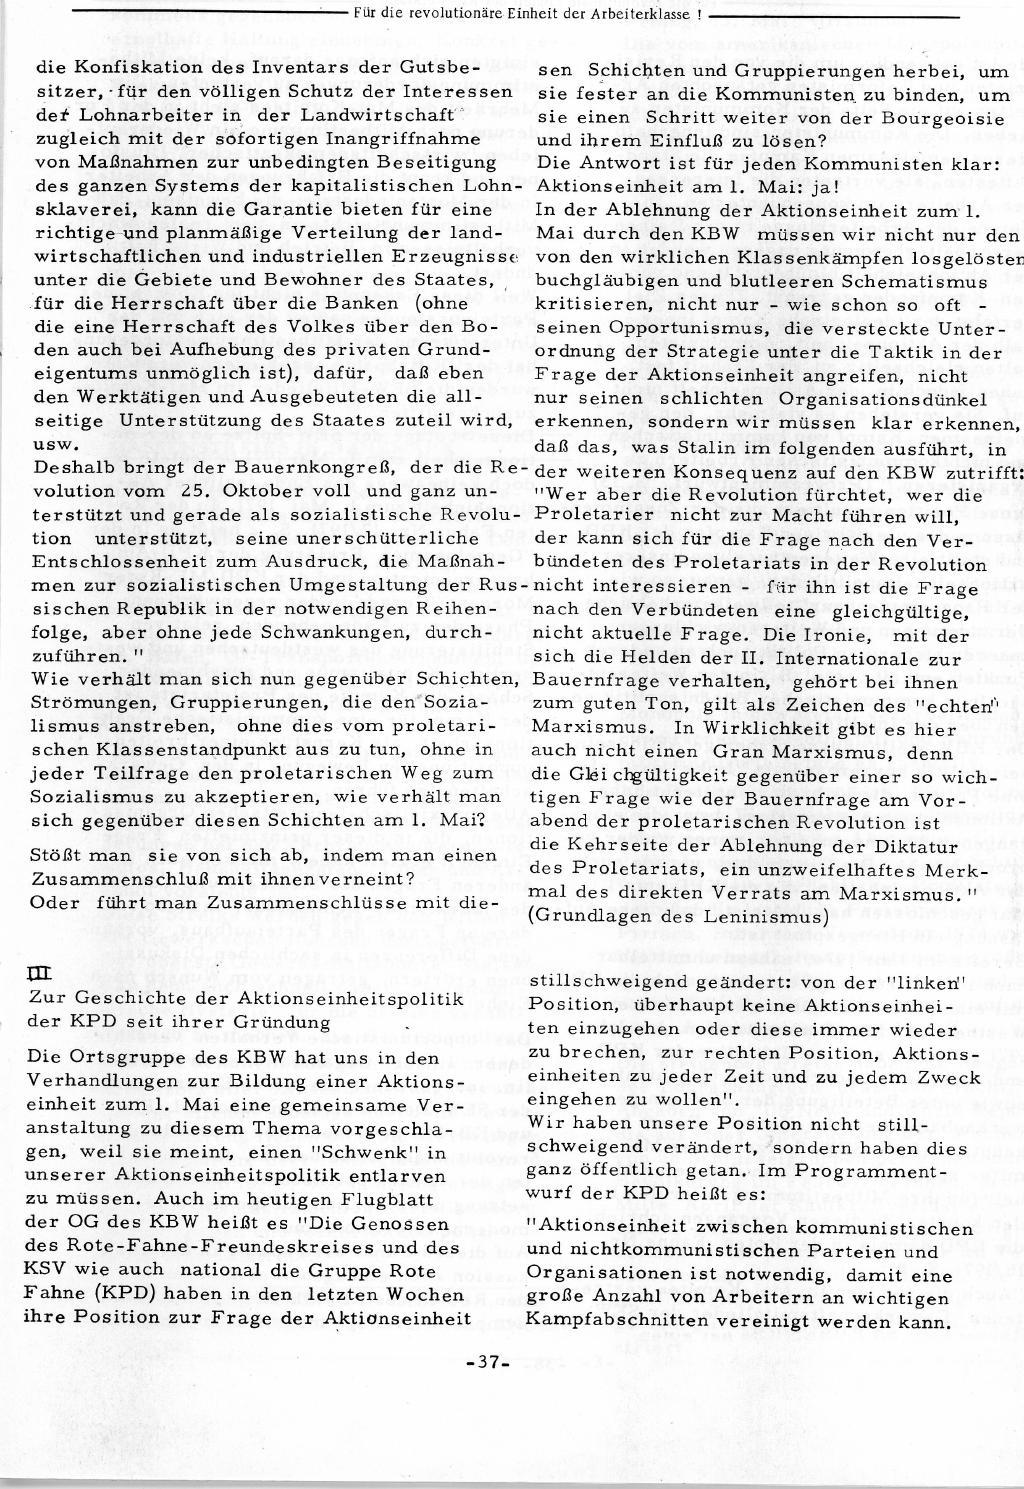 RPK_1974_19_20_37